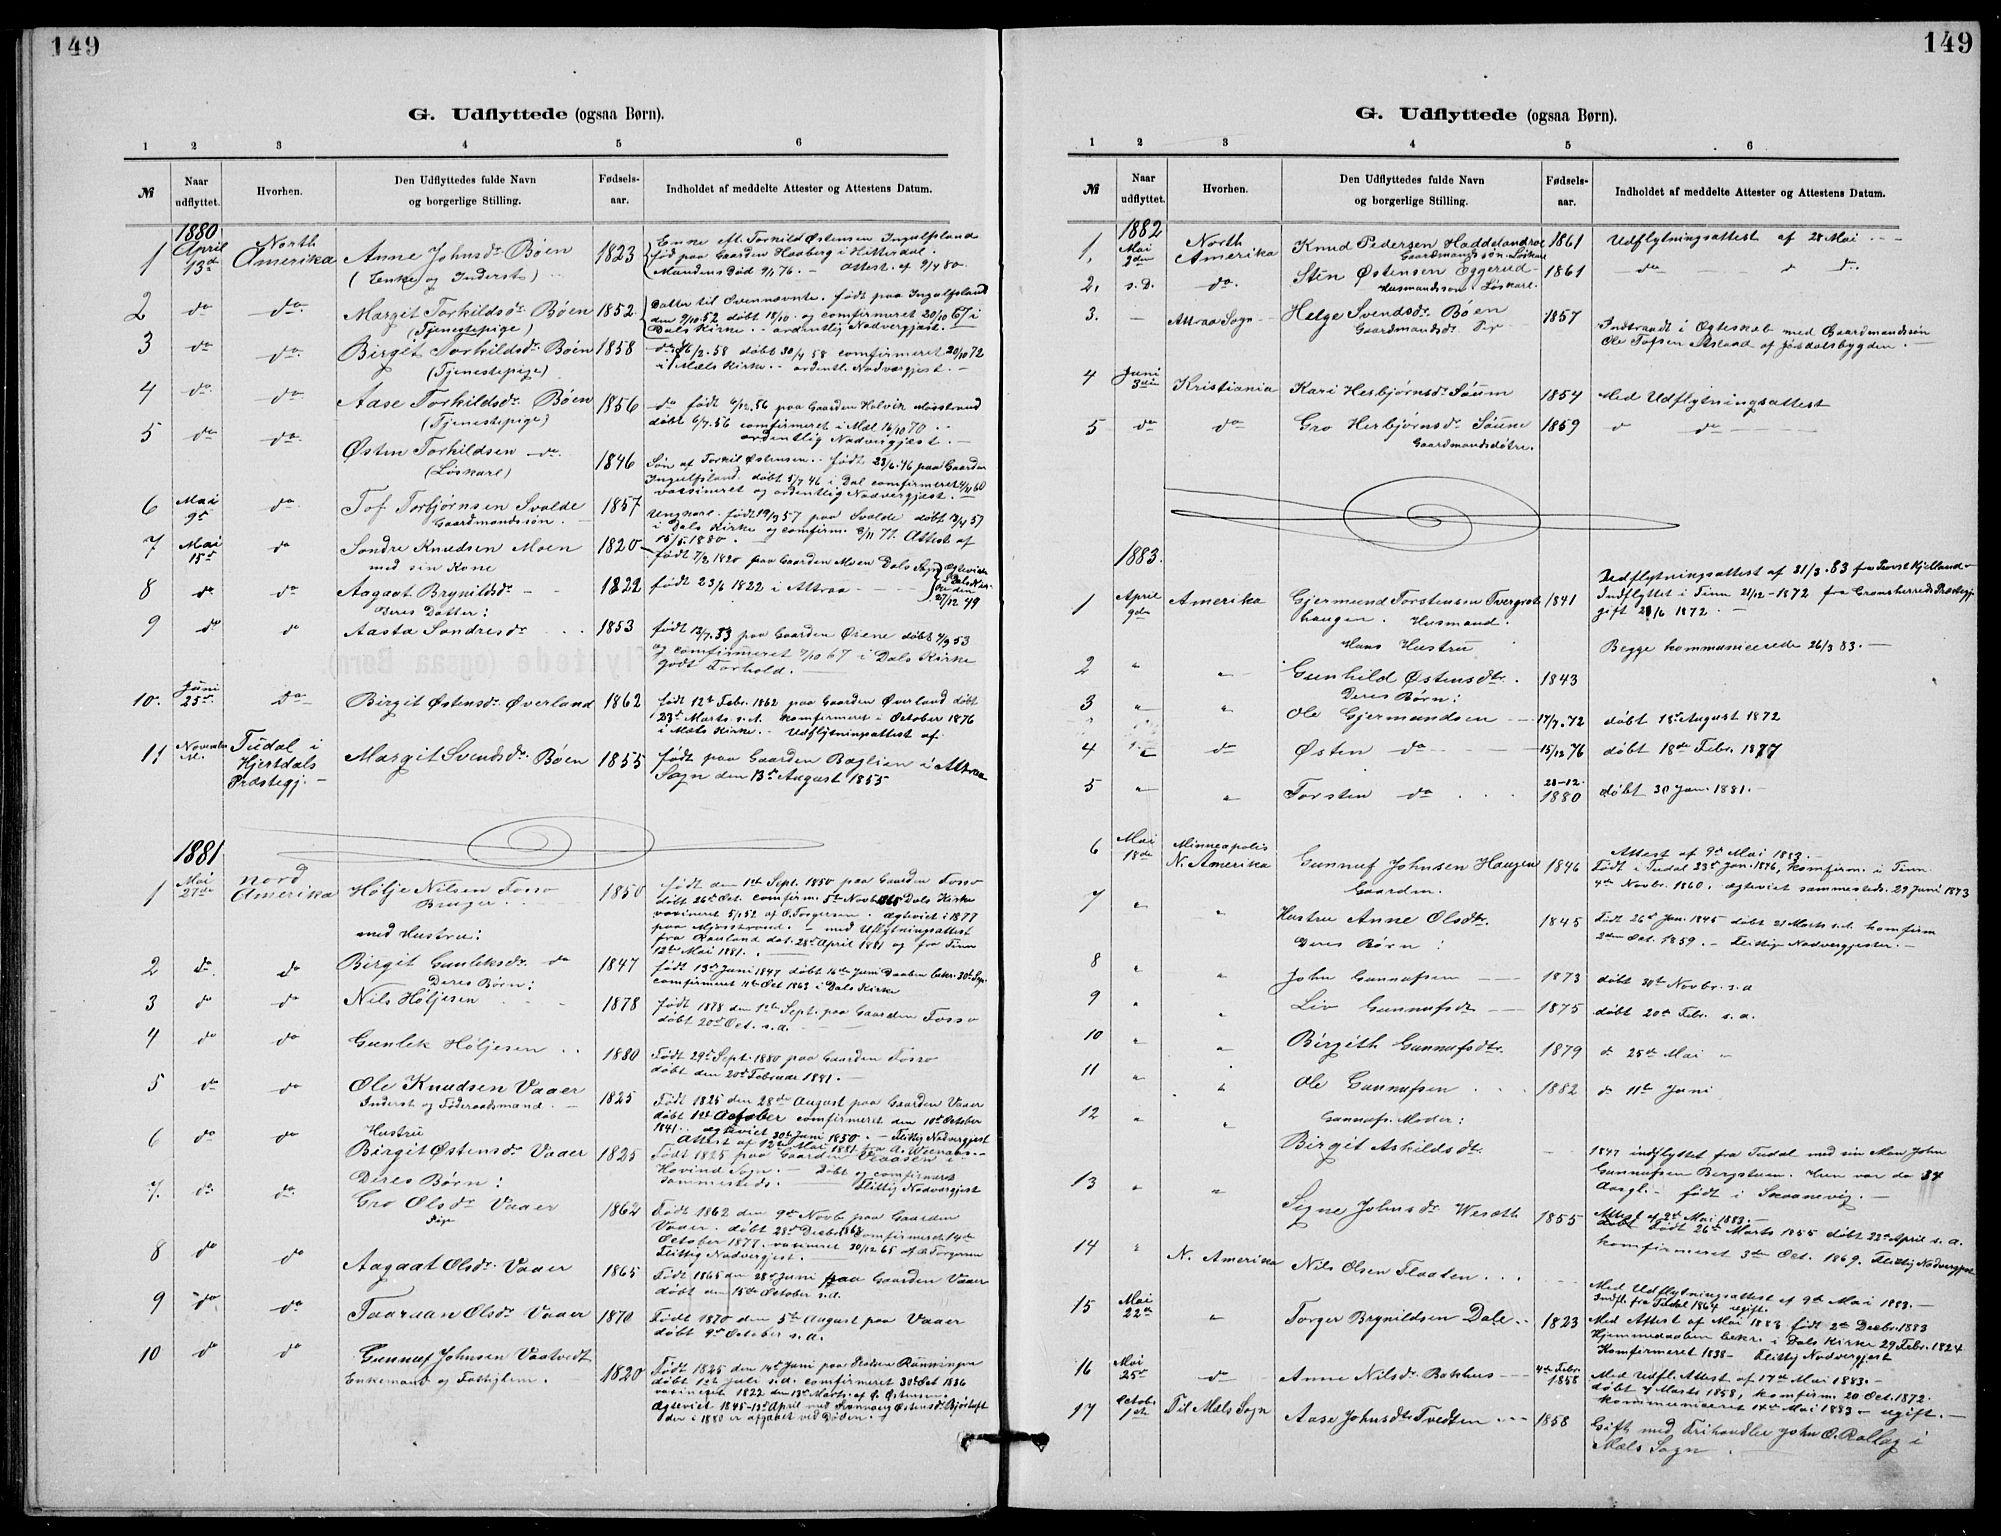 SAKO, Rjukan kirkebøker, G/Ga/L0001: Klokkerbok nr. 1, 1880-1914, s. 149